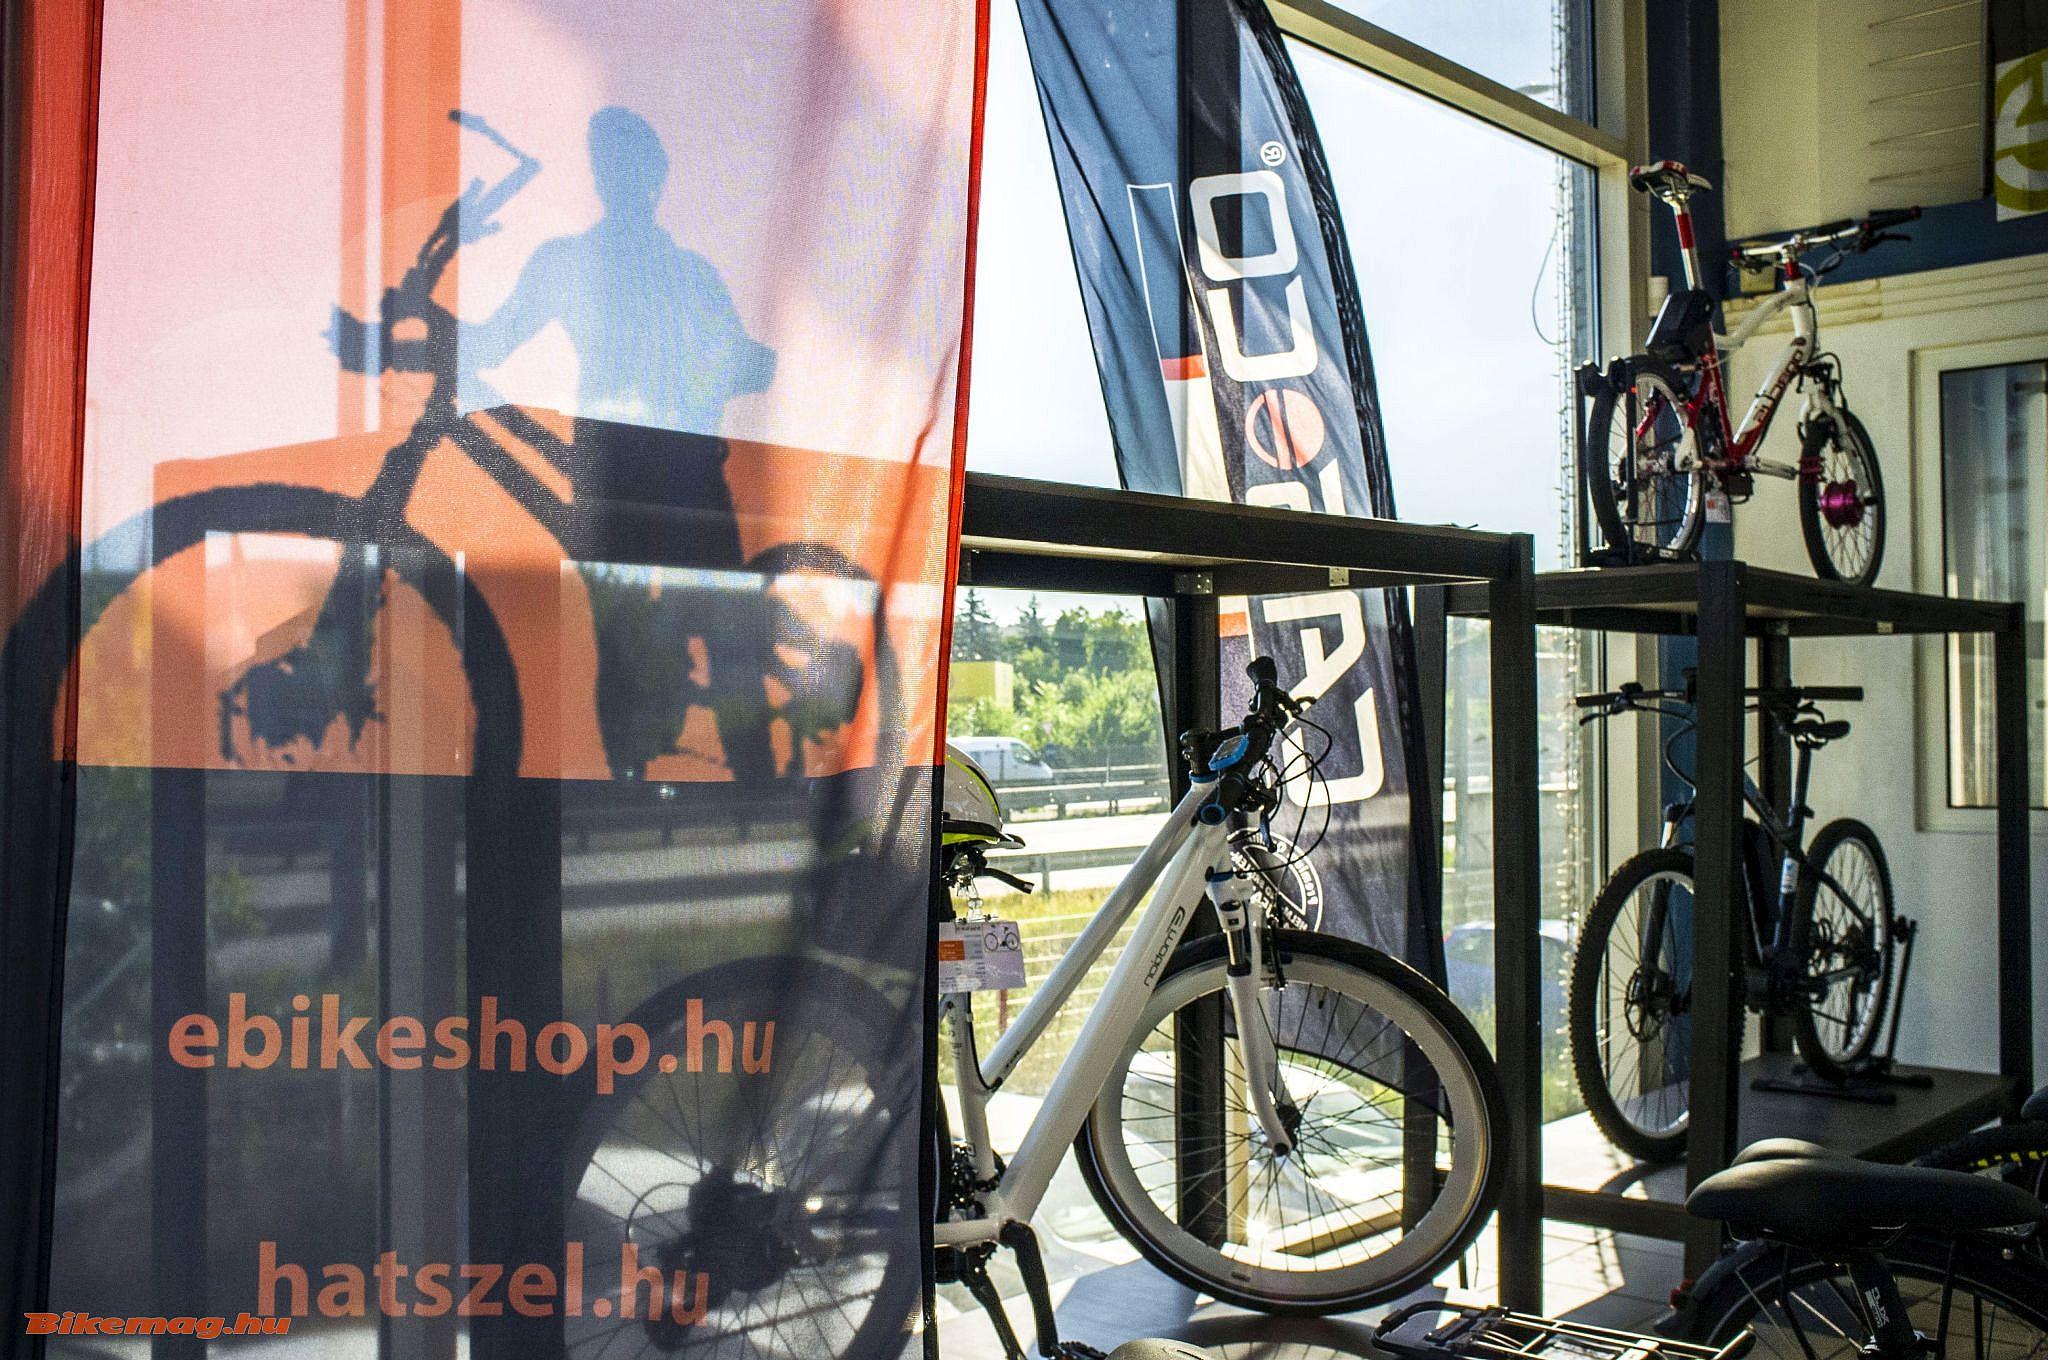 e-bike-ot az ebikeshopból